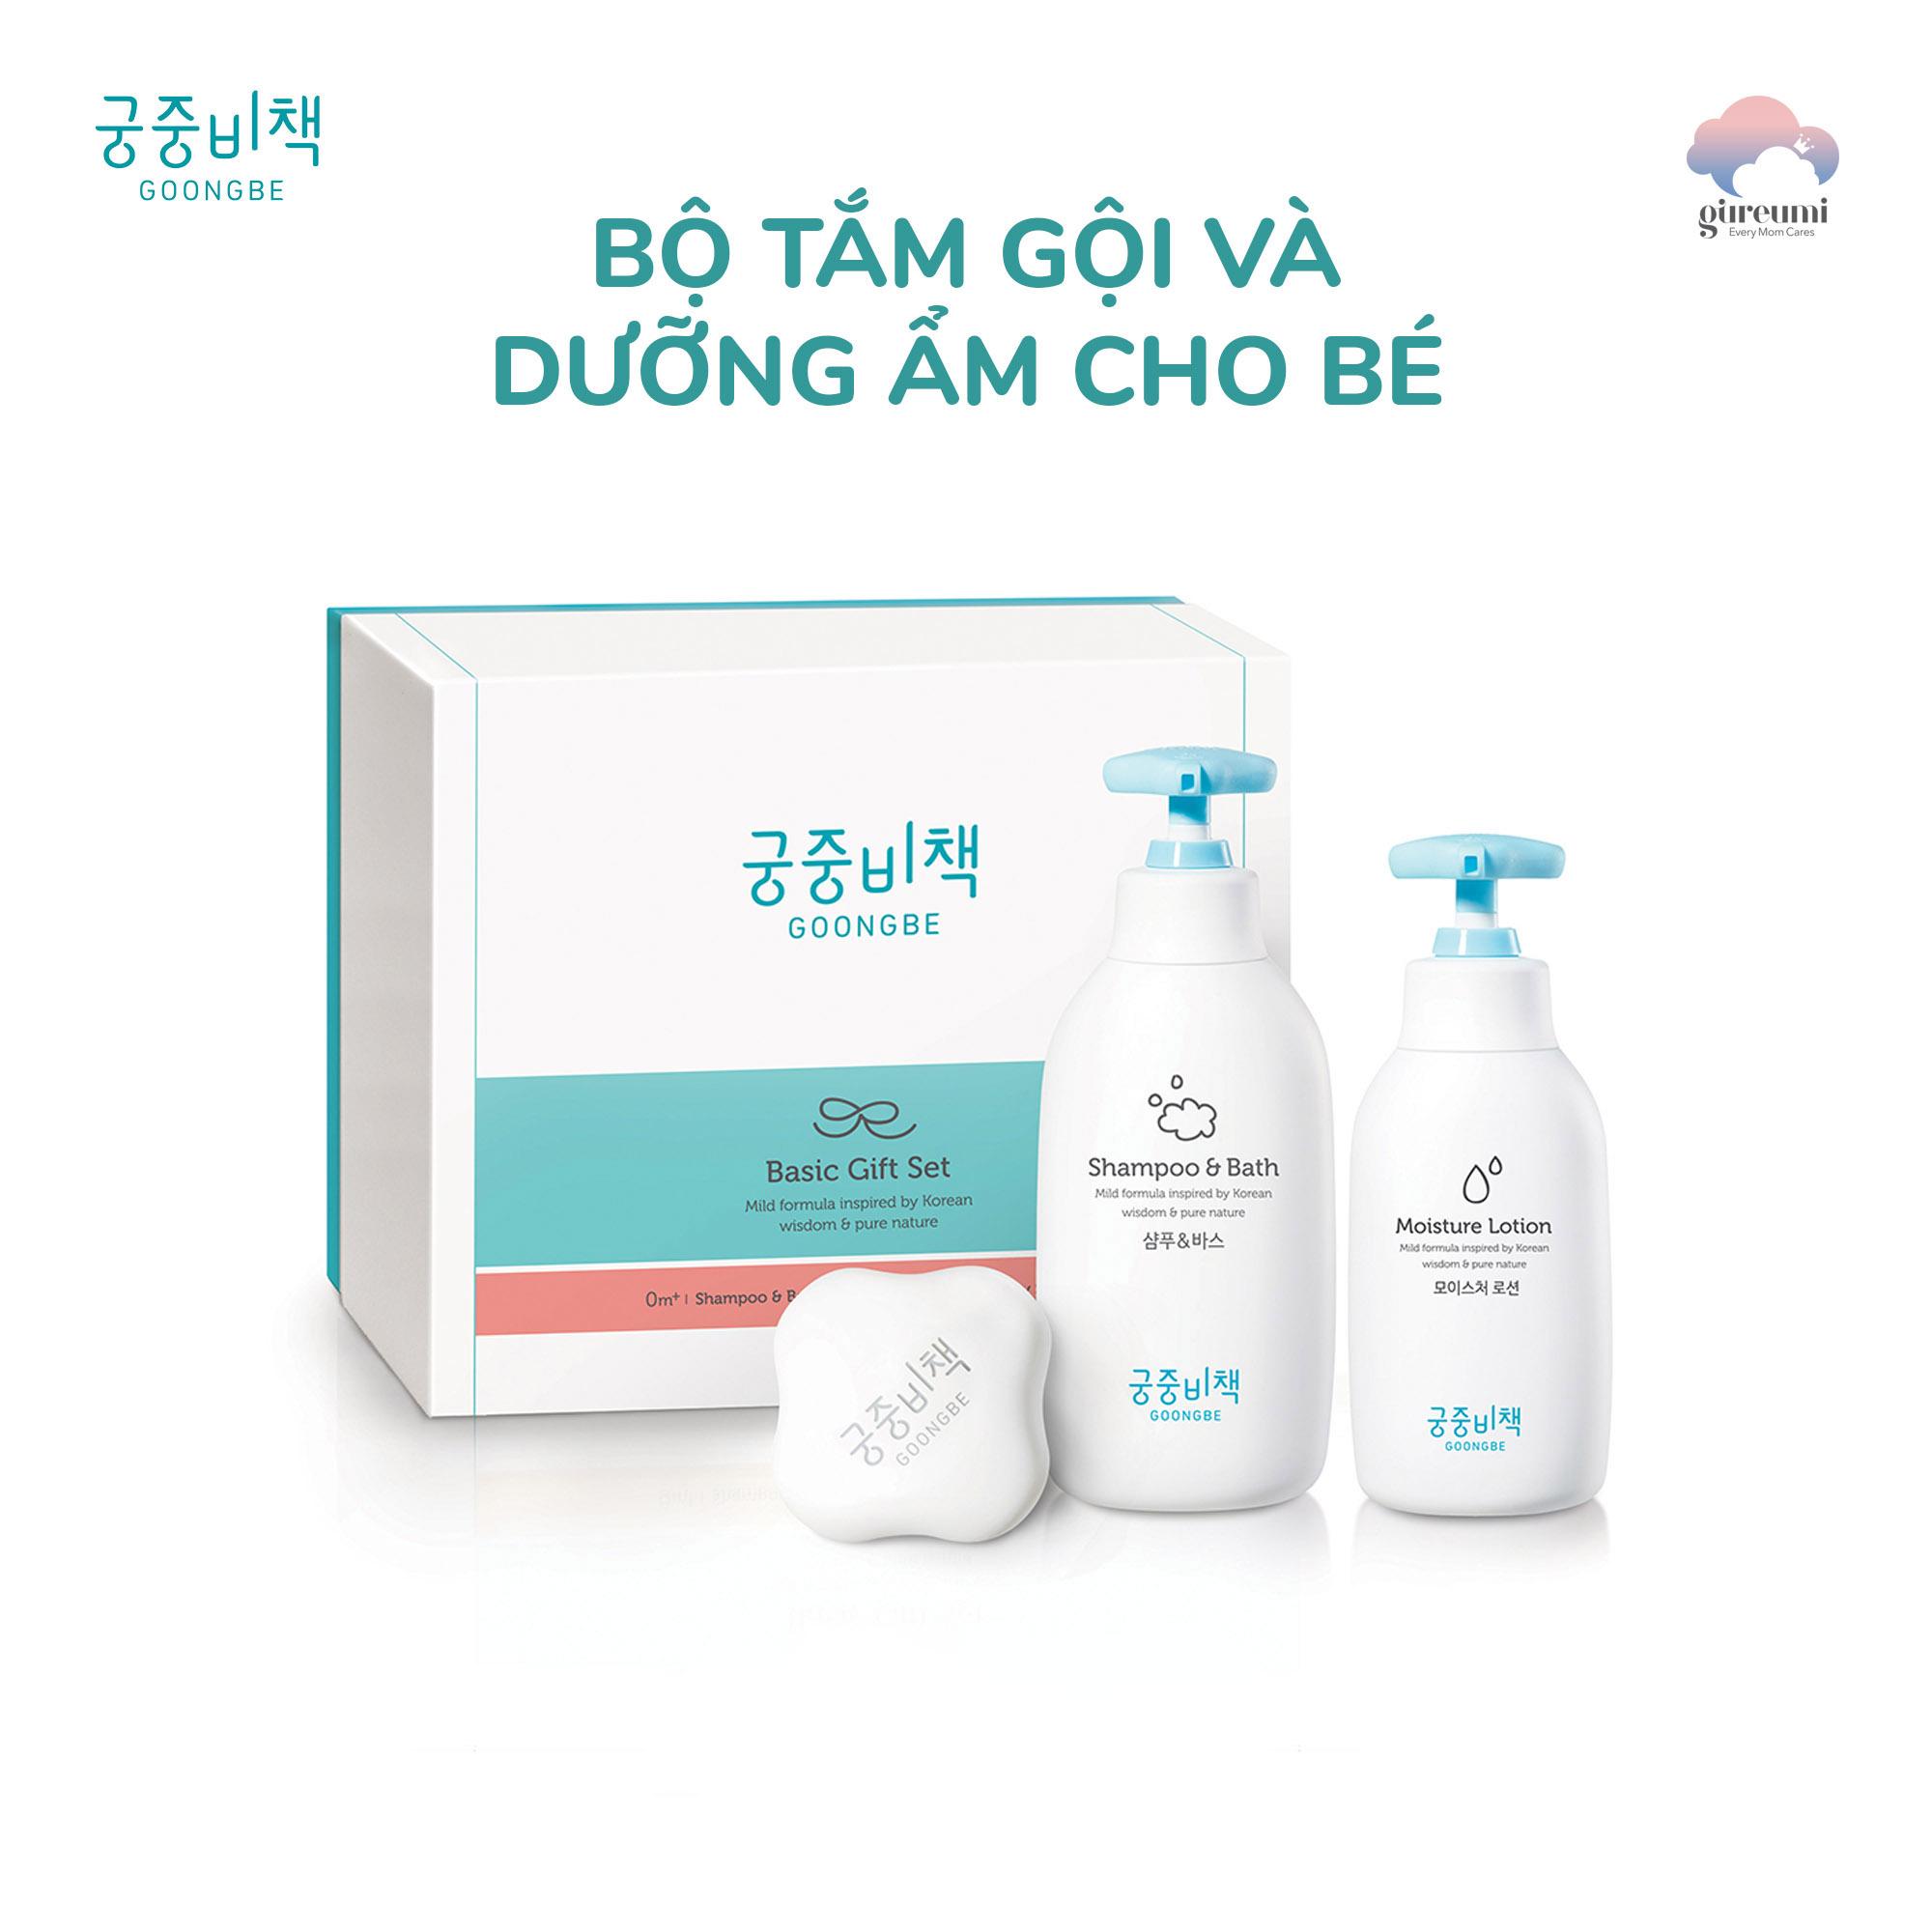 Bộ tắm gội và dưỡng ẩm Goongbe cho bé  từ Hàn Quốc